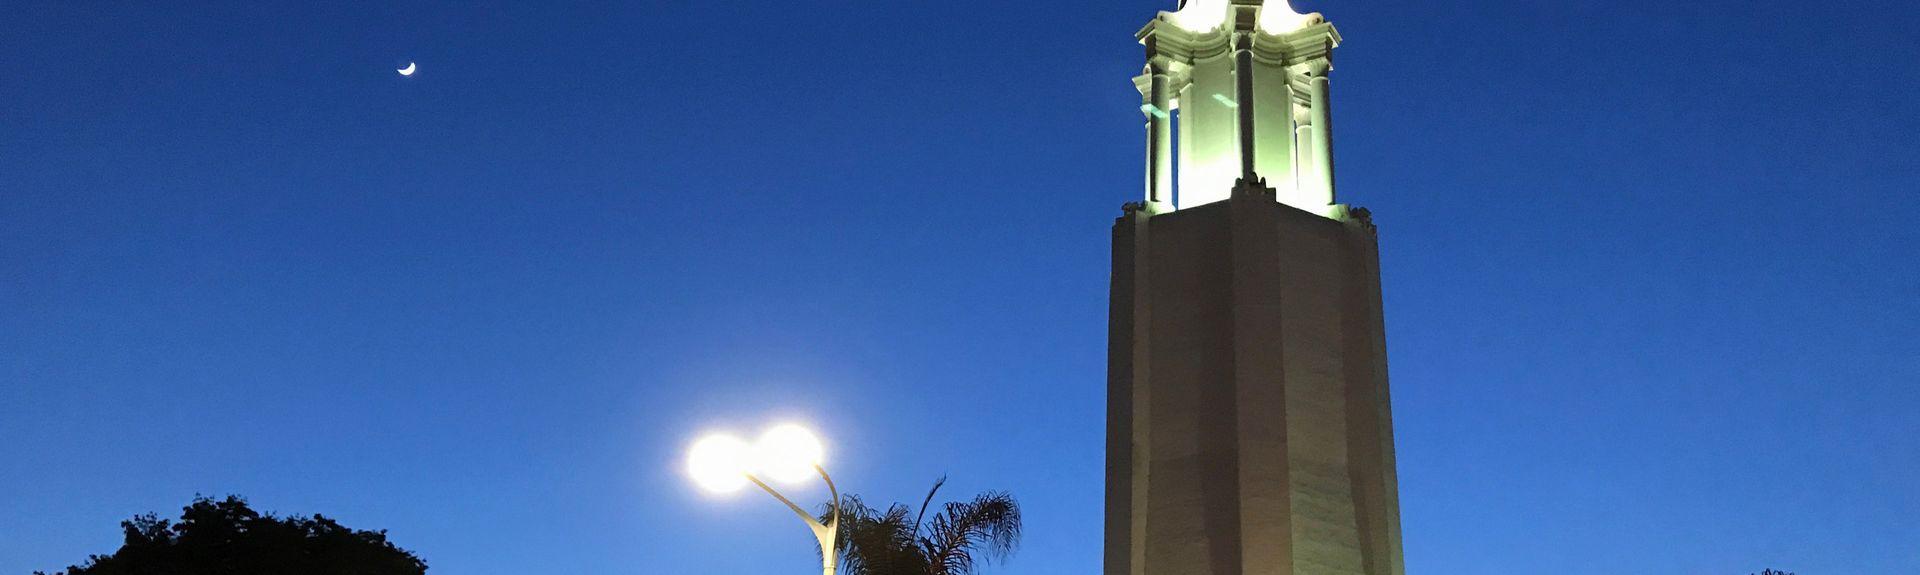 Píer de Santa Mônica, Santa Monica, Califórnia, Estados Unidos